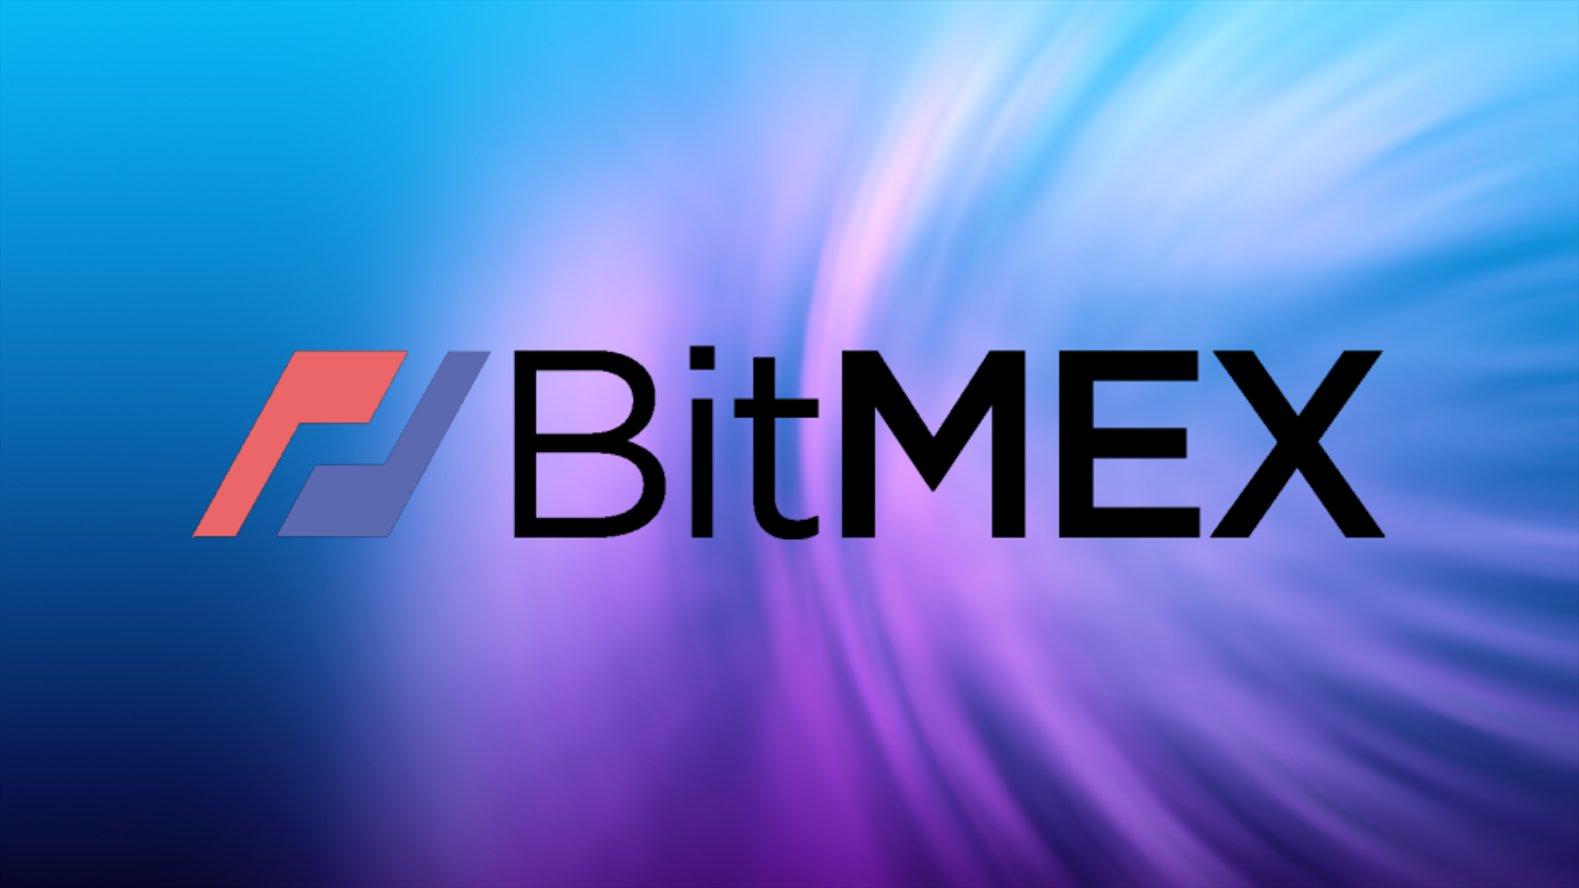 """منصة BitMEX لتداول العملات الرقمية تُمهل مستخدميها أسبوعين لتحديث بيانات معرفة العميل """"KYC"""""""